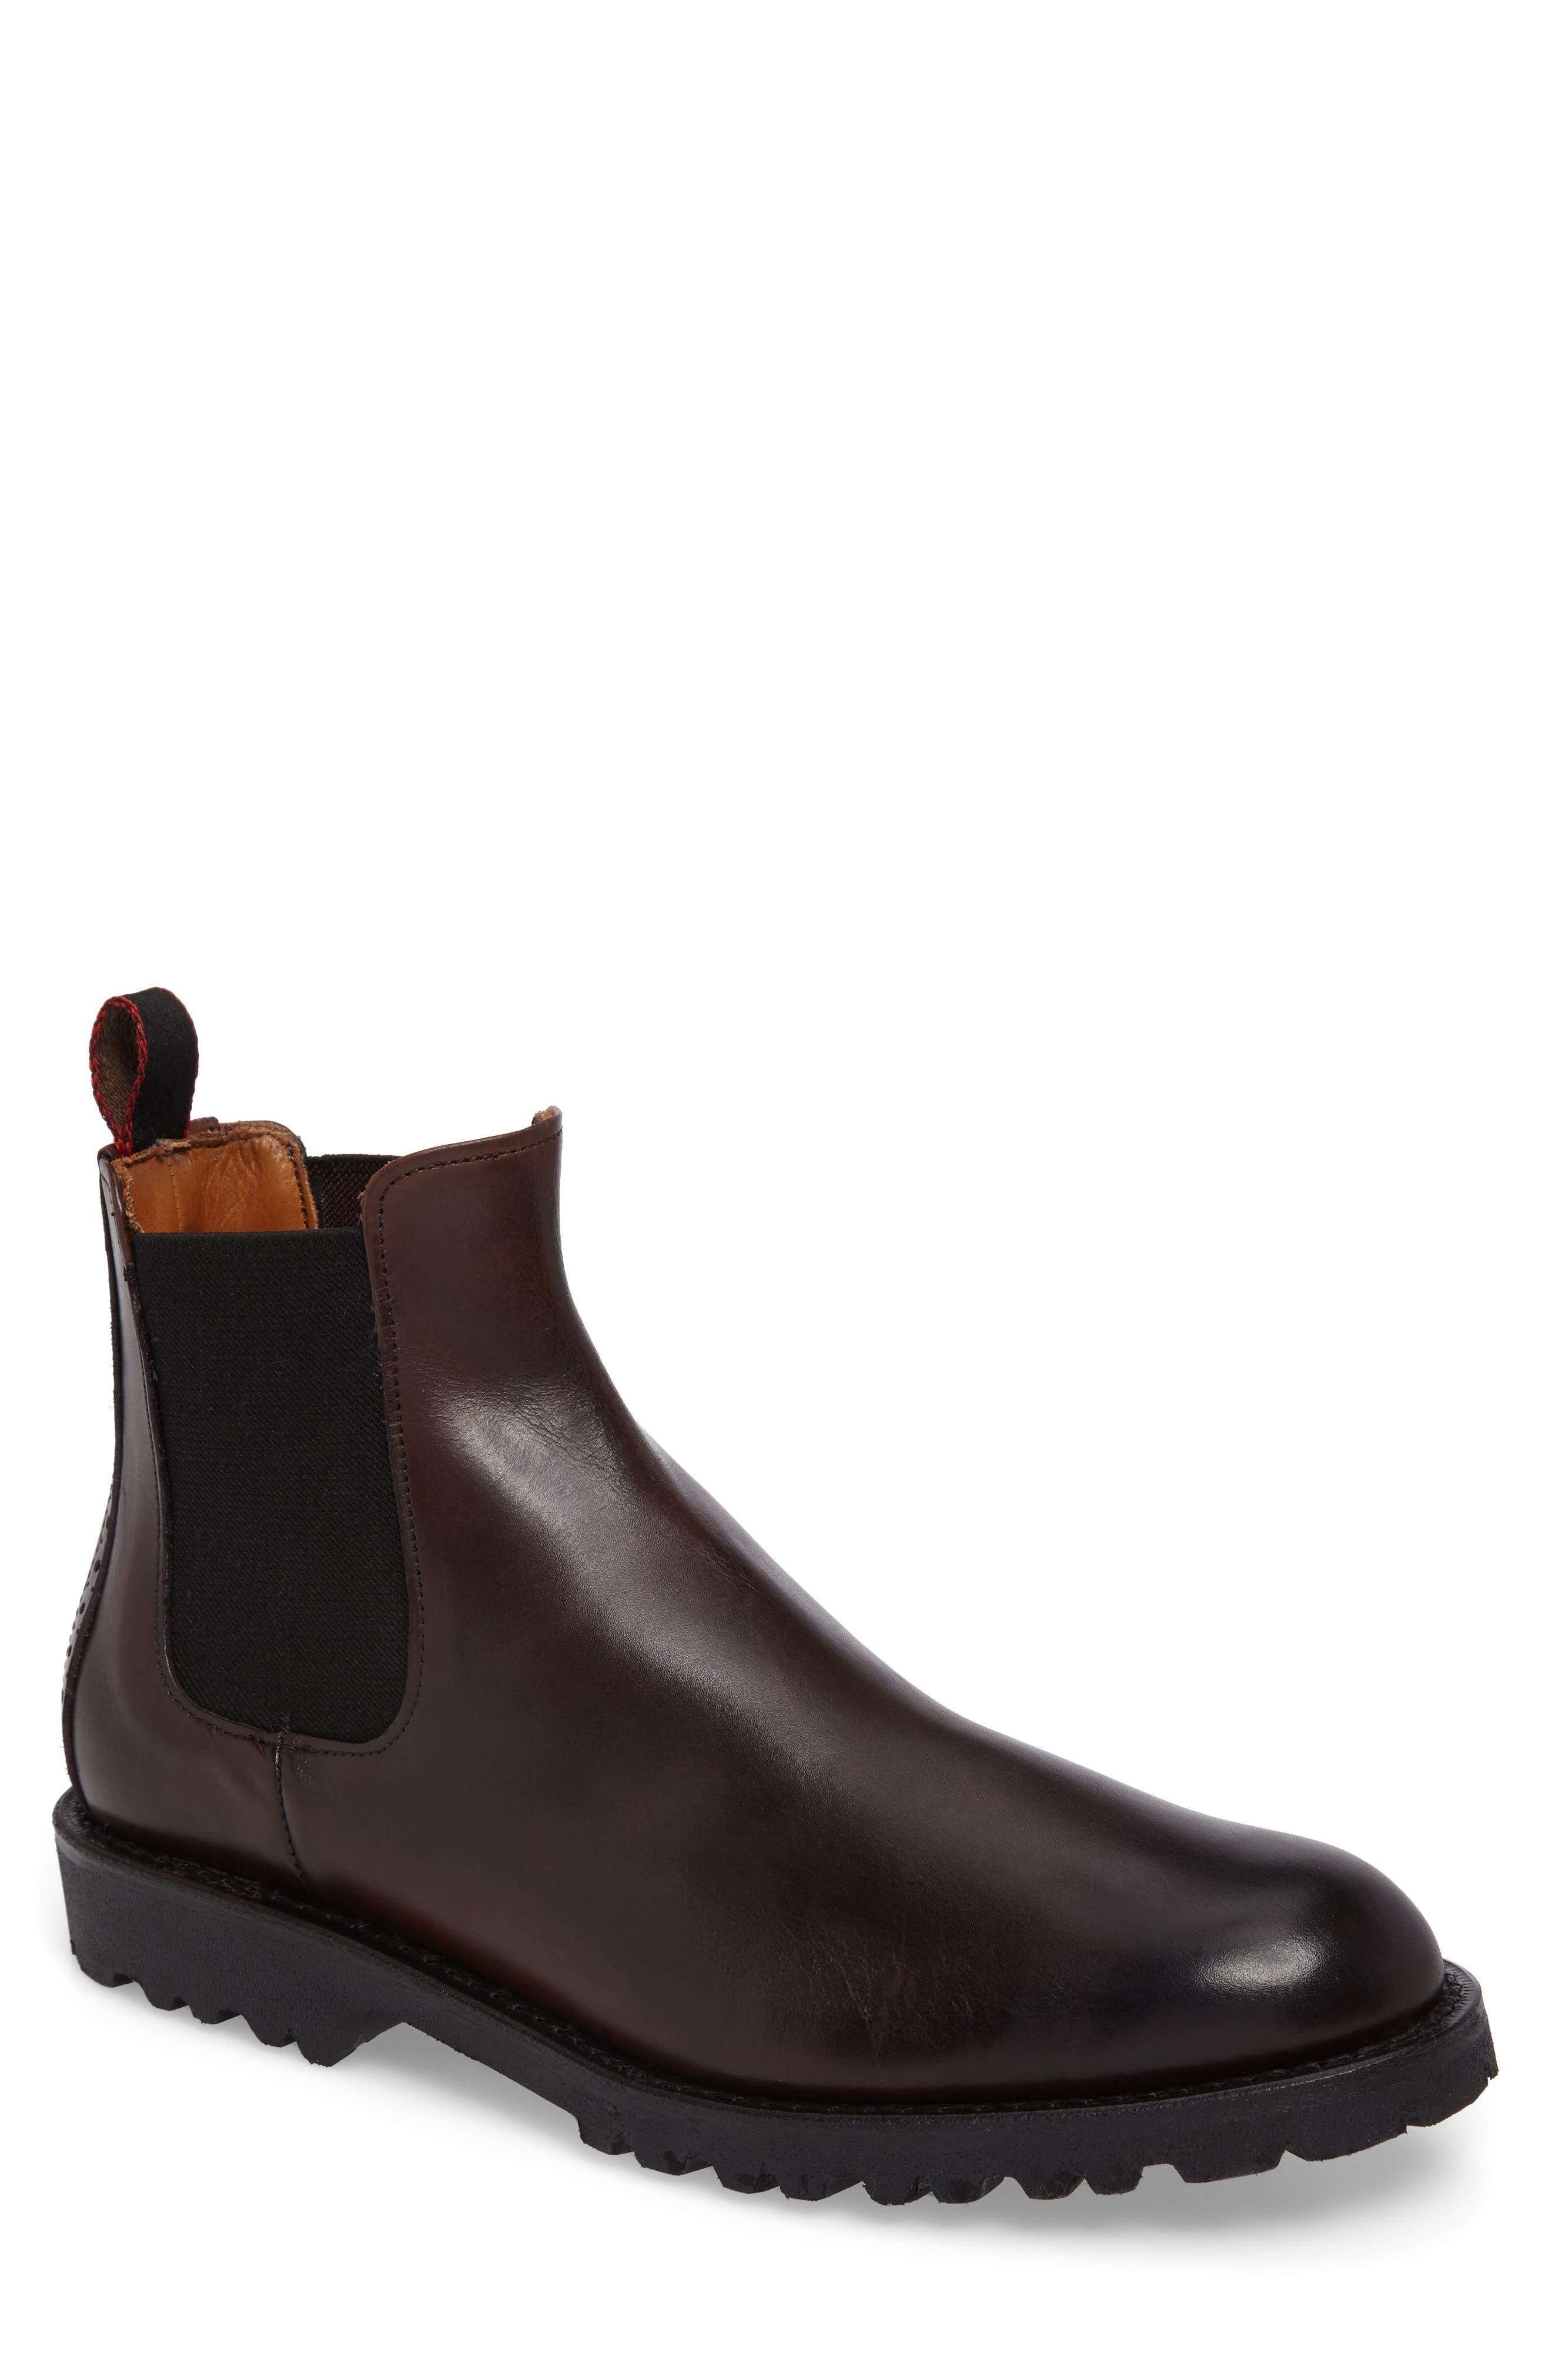 Main Image - Allen Edmonds Tate Chelsea Boot (Men)